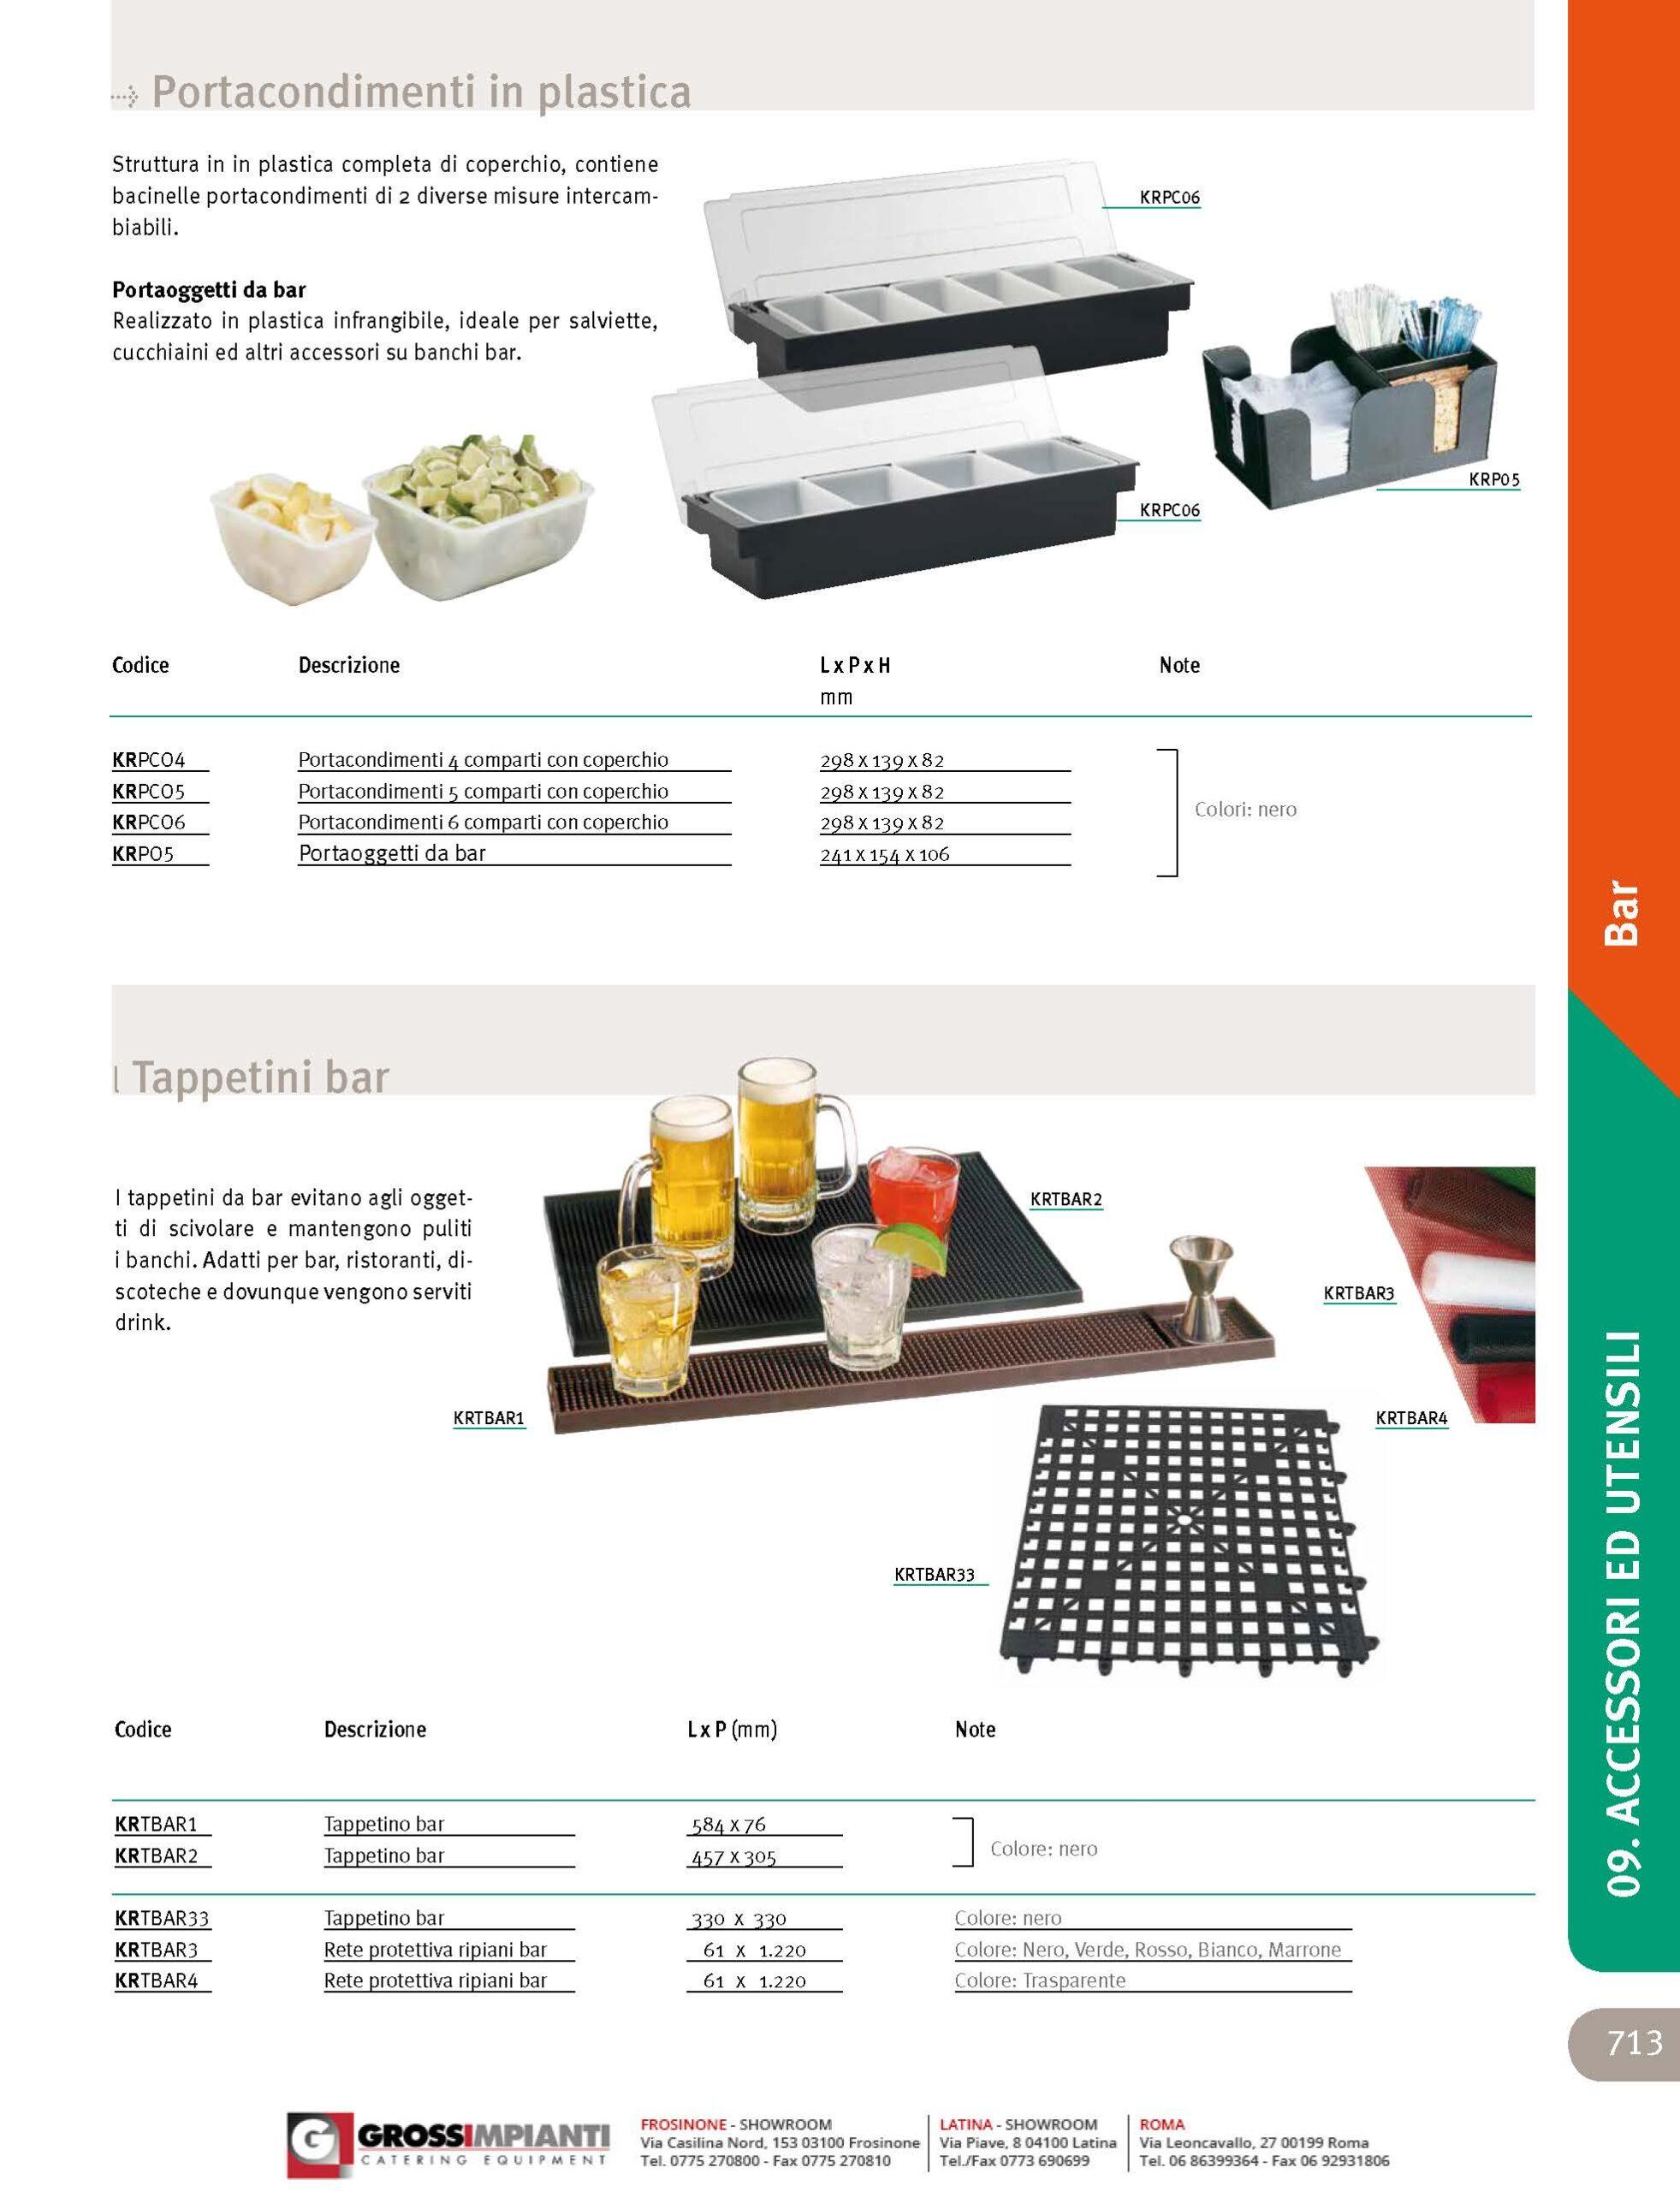 Accessori ed utensili